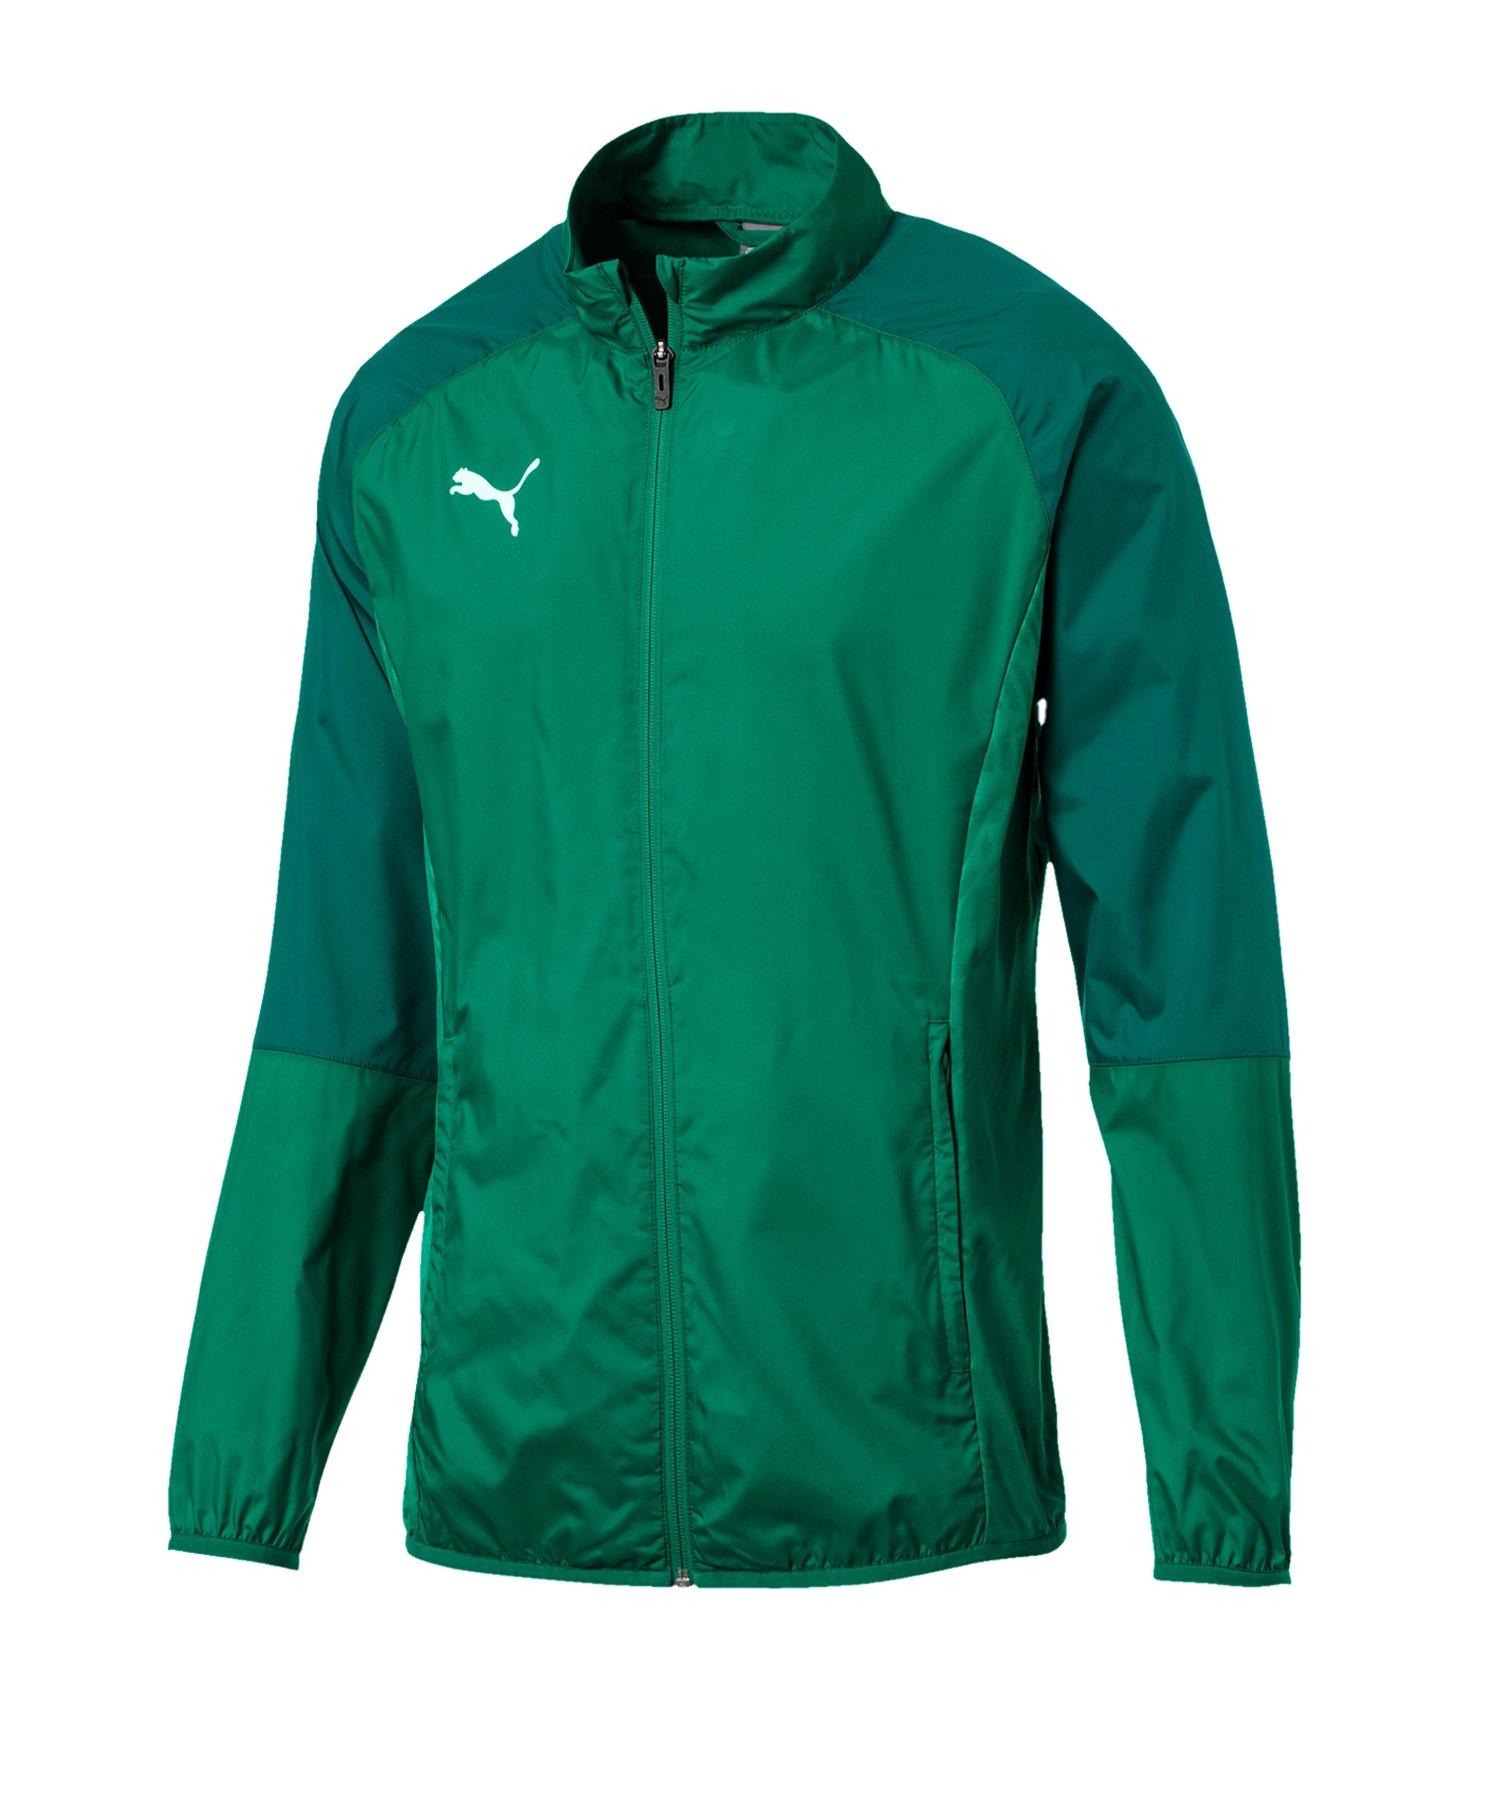 PUMA CUP Sideline Core Woven Jacket Grün F05 - gruen